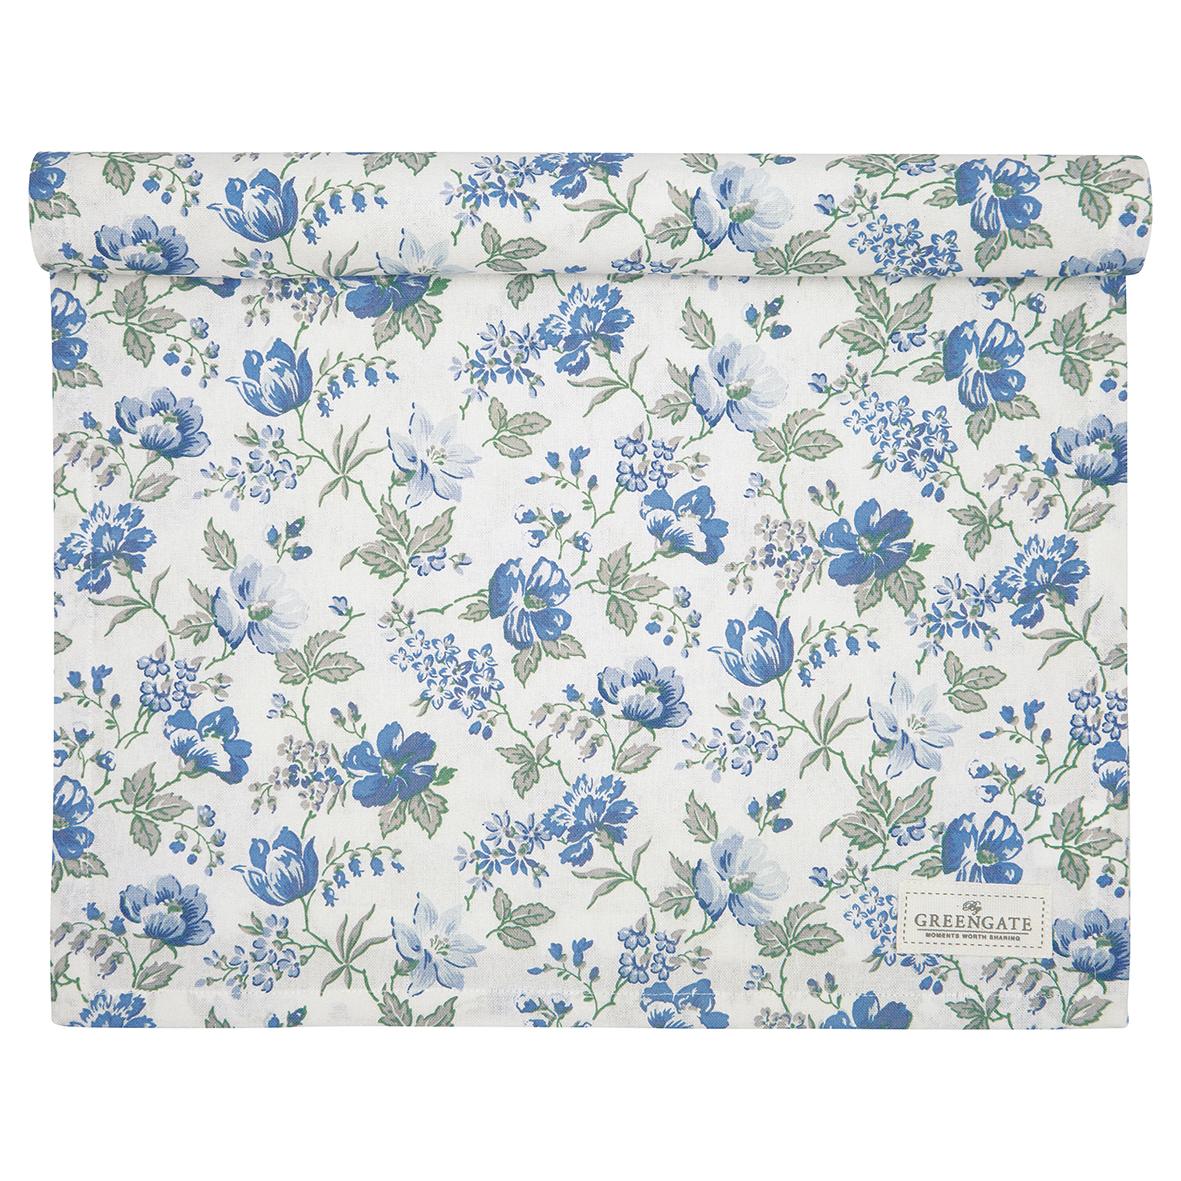 Greengate Tischläufer Donna blue